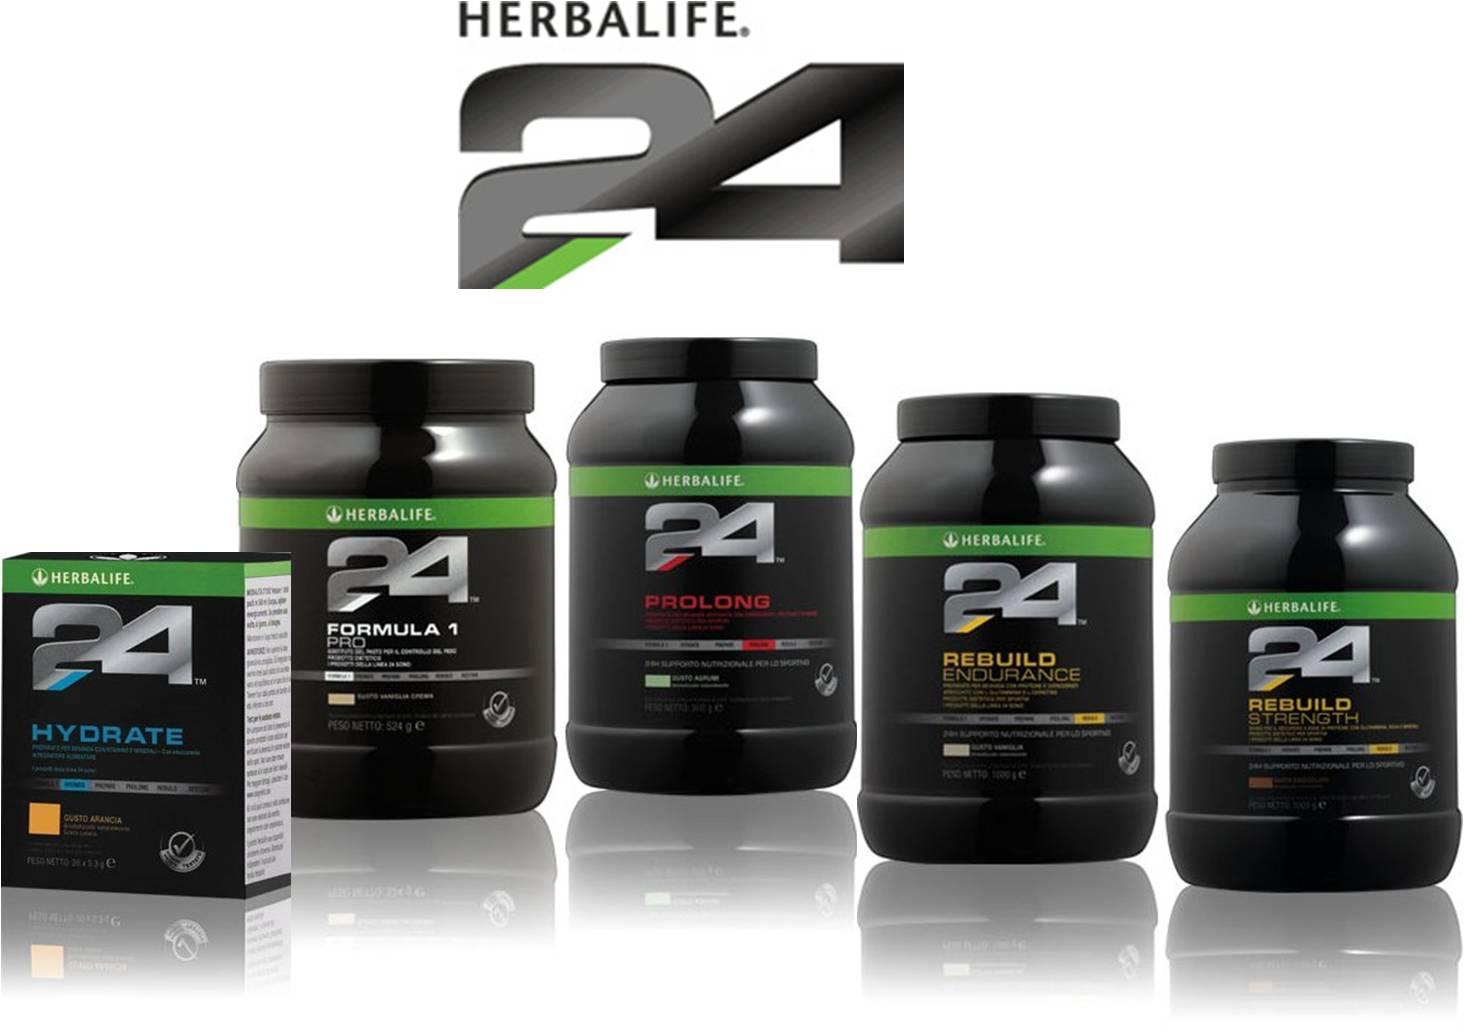 herbalife-h24.jpg